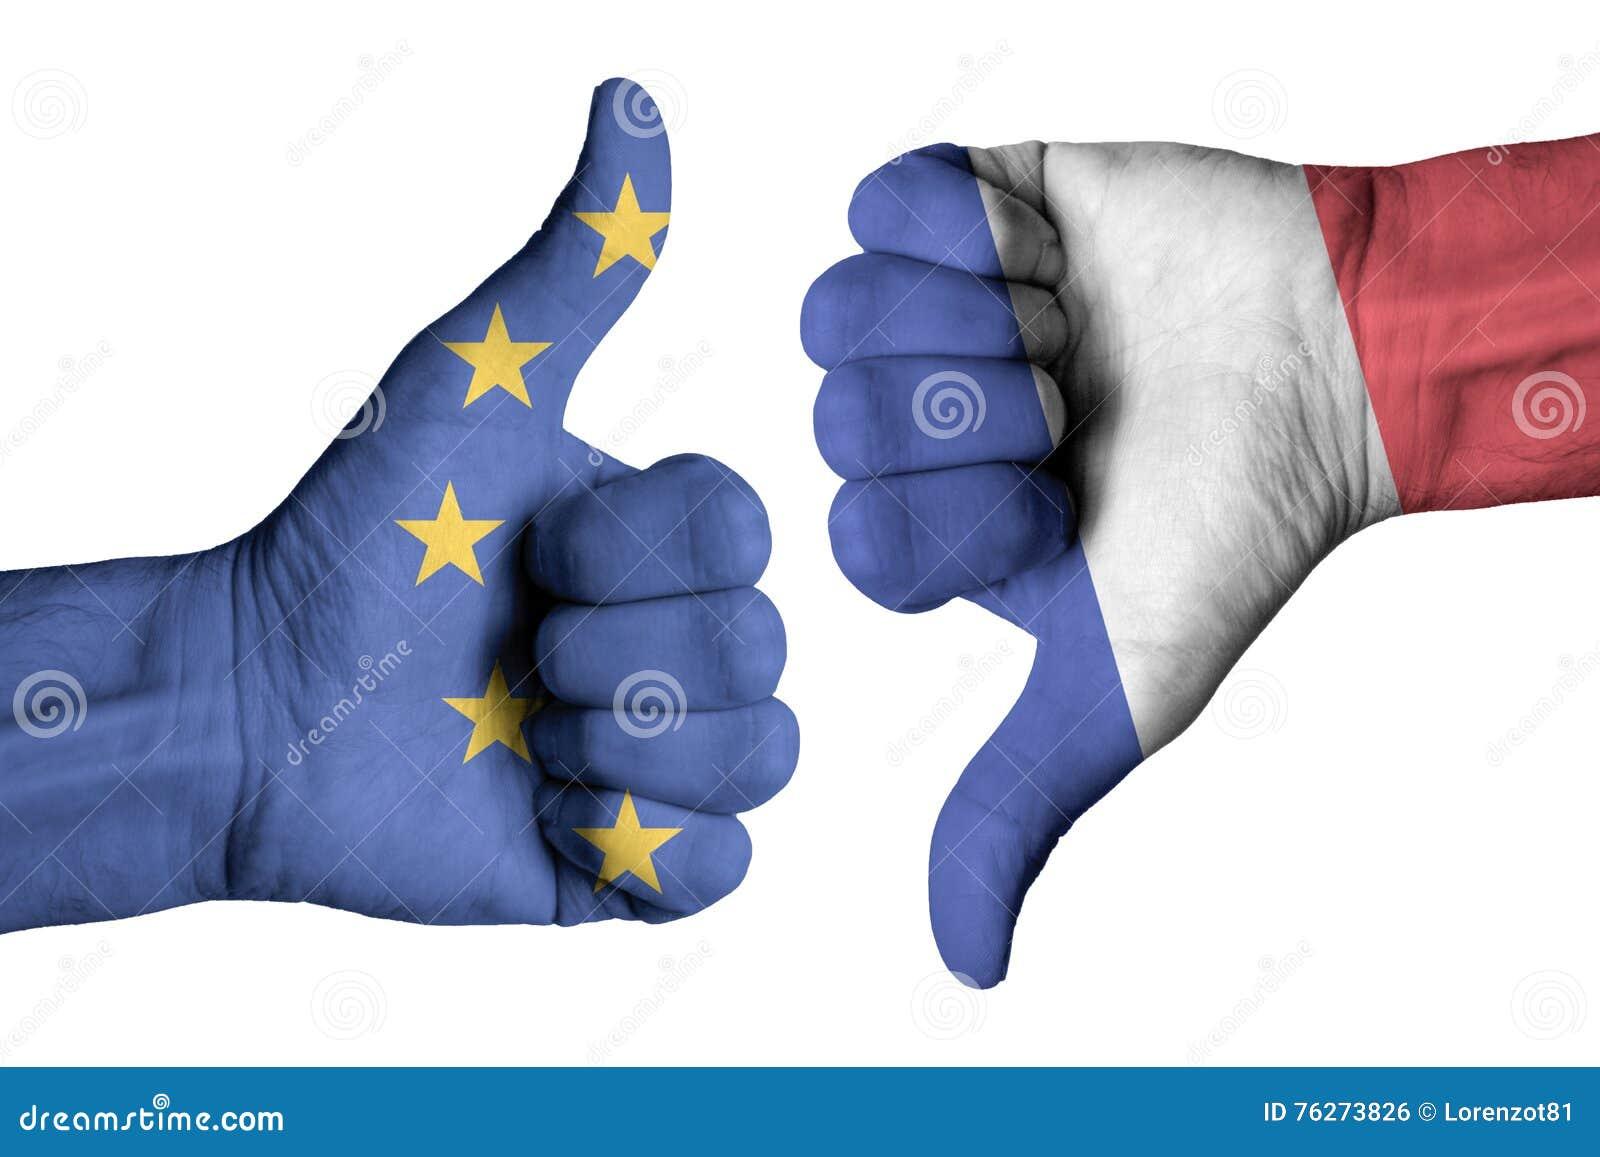 Σημαία της Γαλλίας και της Ευρώπης στον ανθρώπινο αρσενικό αντίχειρα πάνω-κάτω τα χέρια